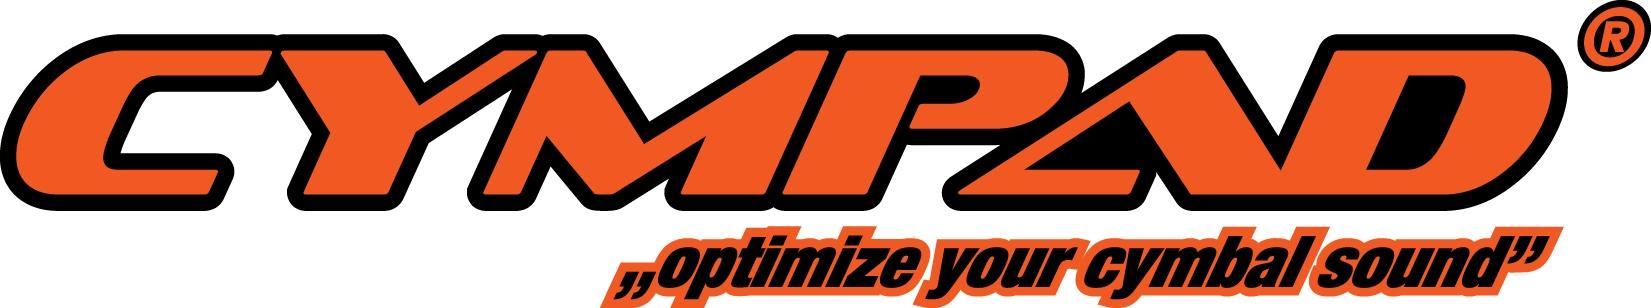 cympad logo